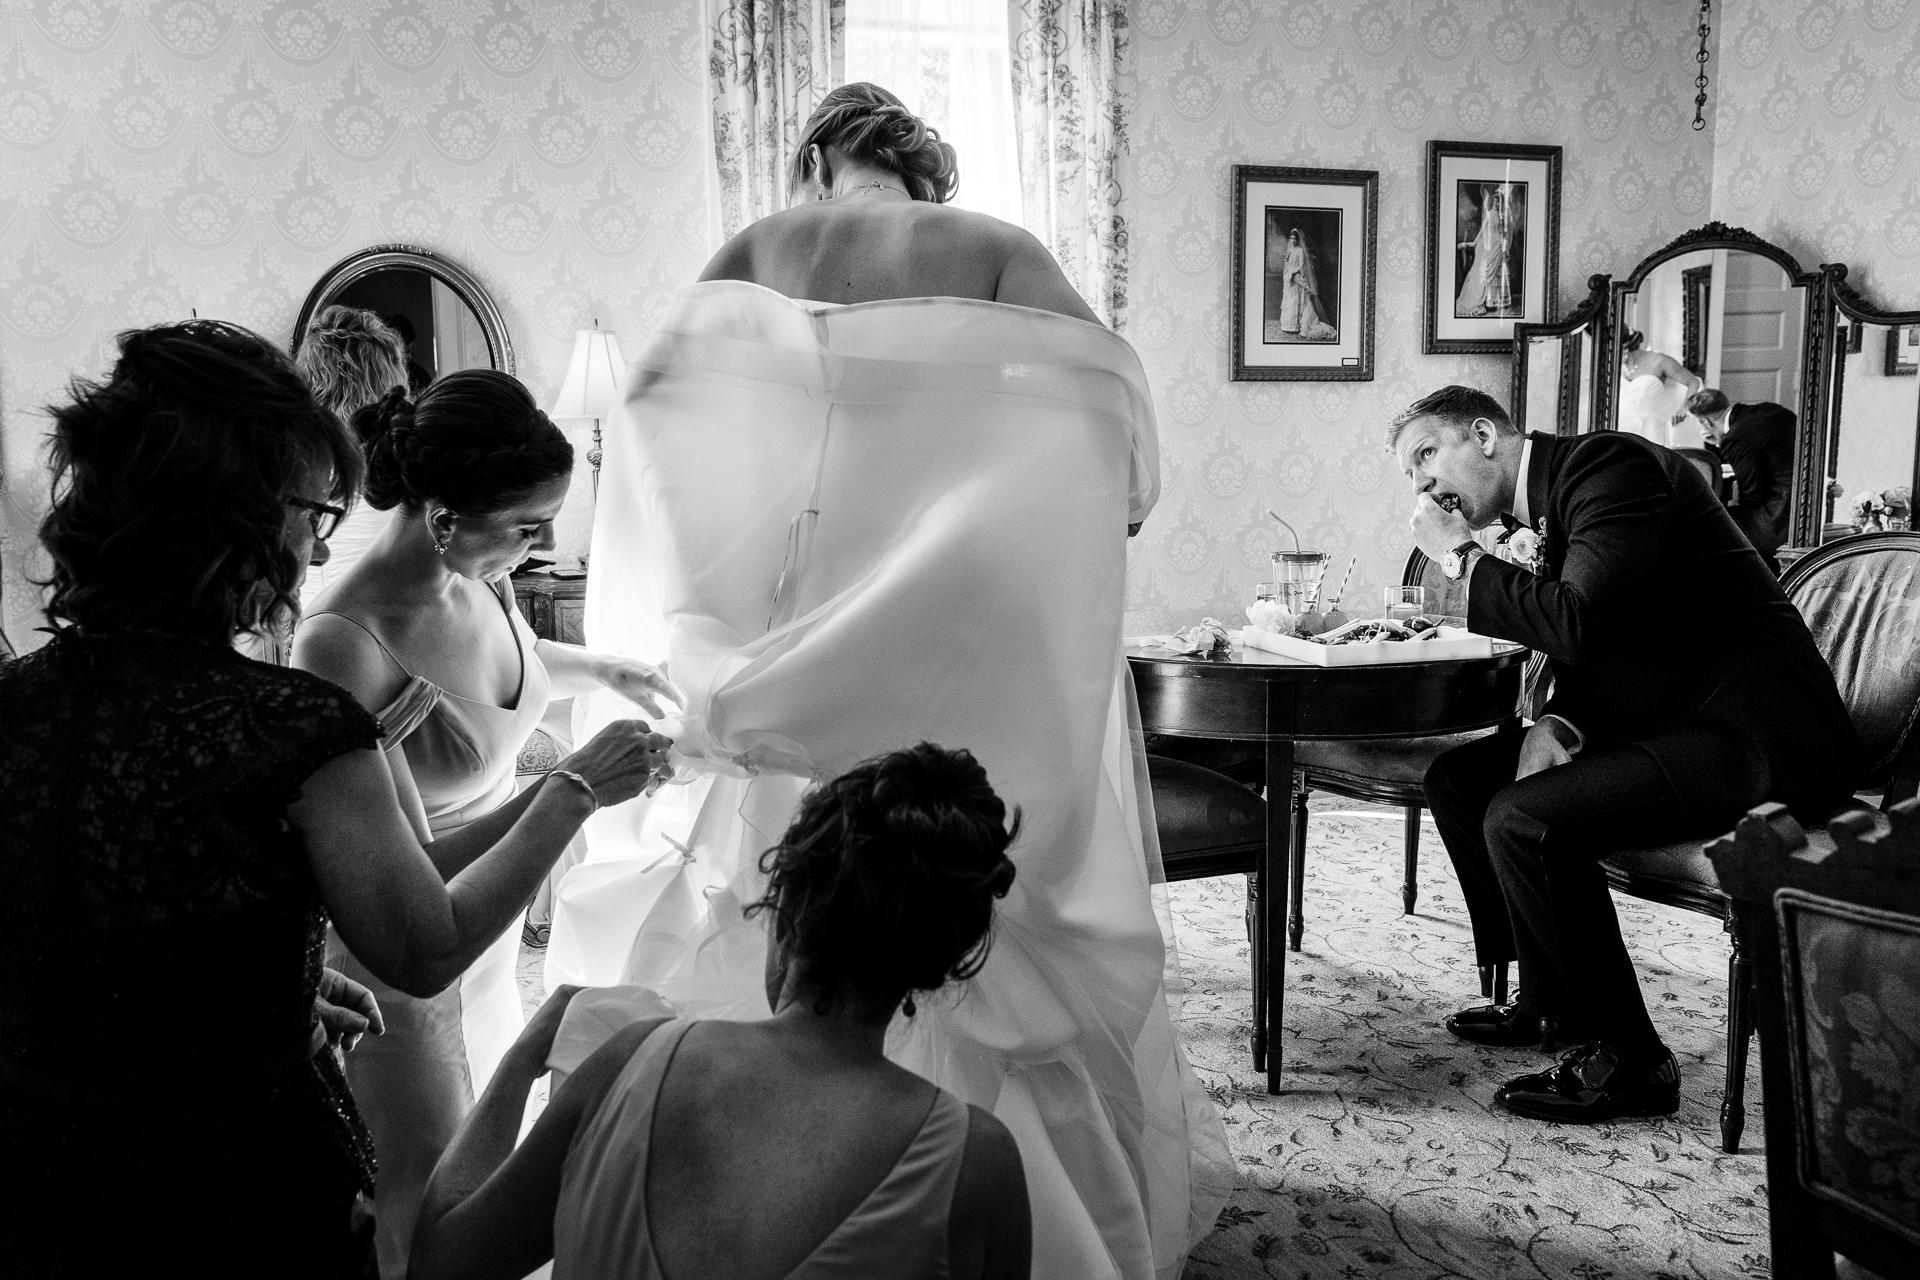 Fotografia di matrimonio di scena impegnativa per prepararsi | Immagine dello sposo che si diverte come la sposa, le sue damigelle e sua madre provano a farla impazzire per l'ora dell'aperitivo